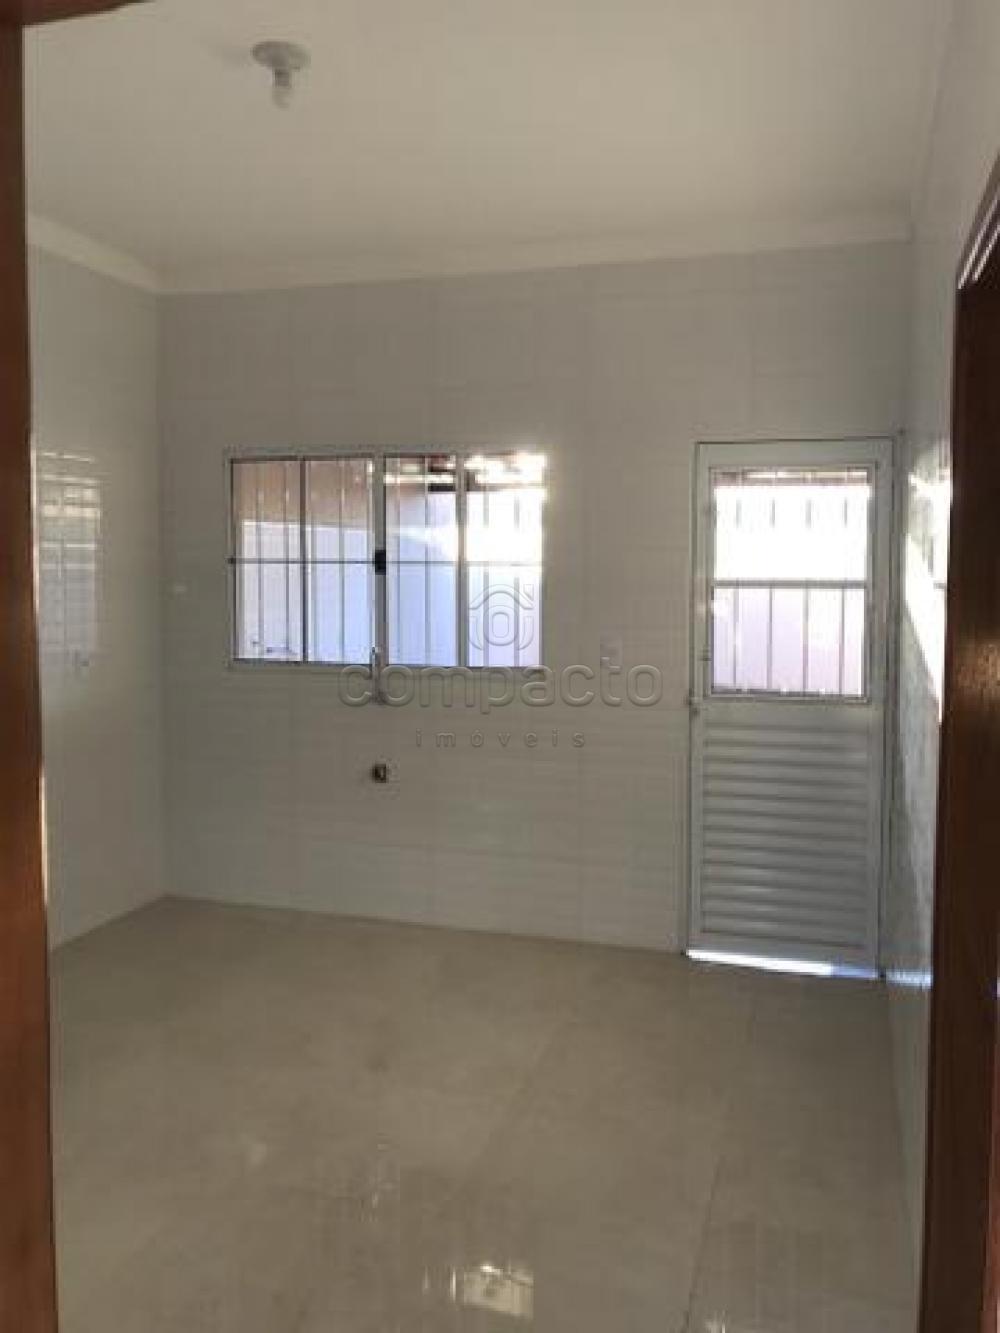 Comprar Casa / Padrão em Bady Bassitt apenas R$ 215.000,00 - Foto 7